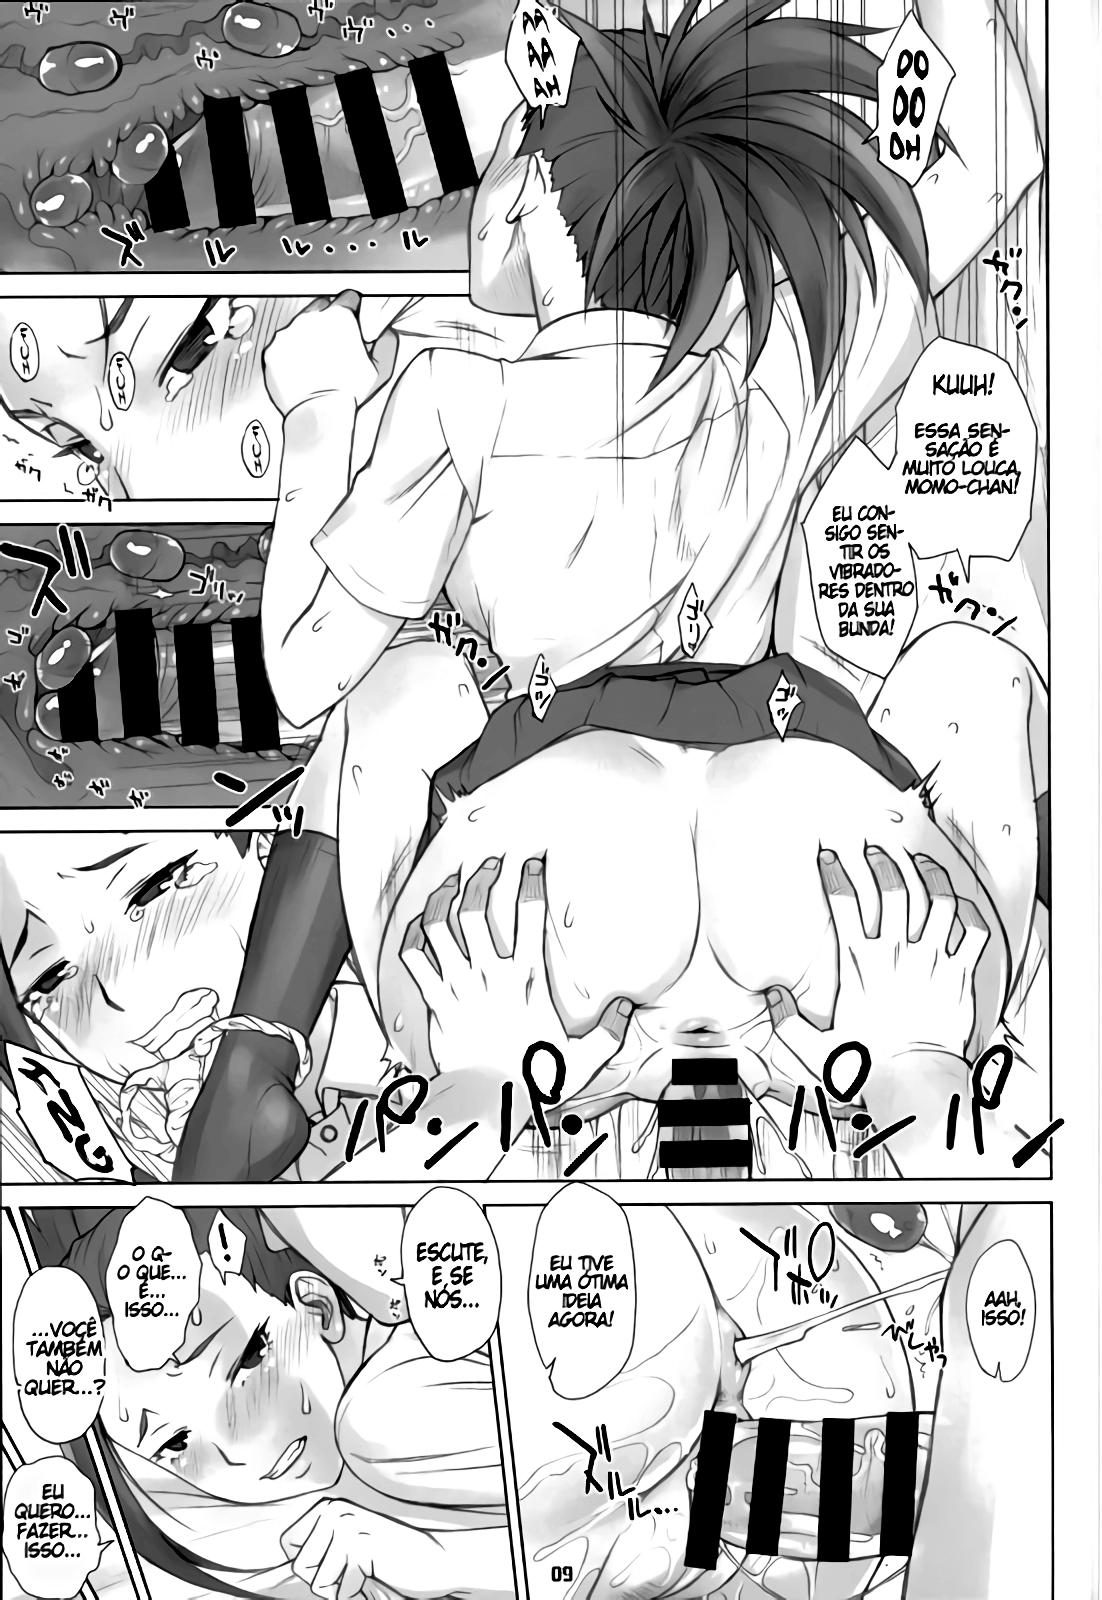 Momo-Yaoyorozu-Hentai-5